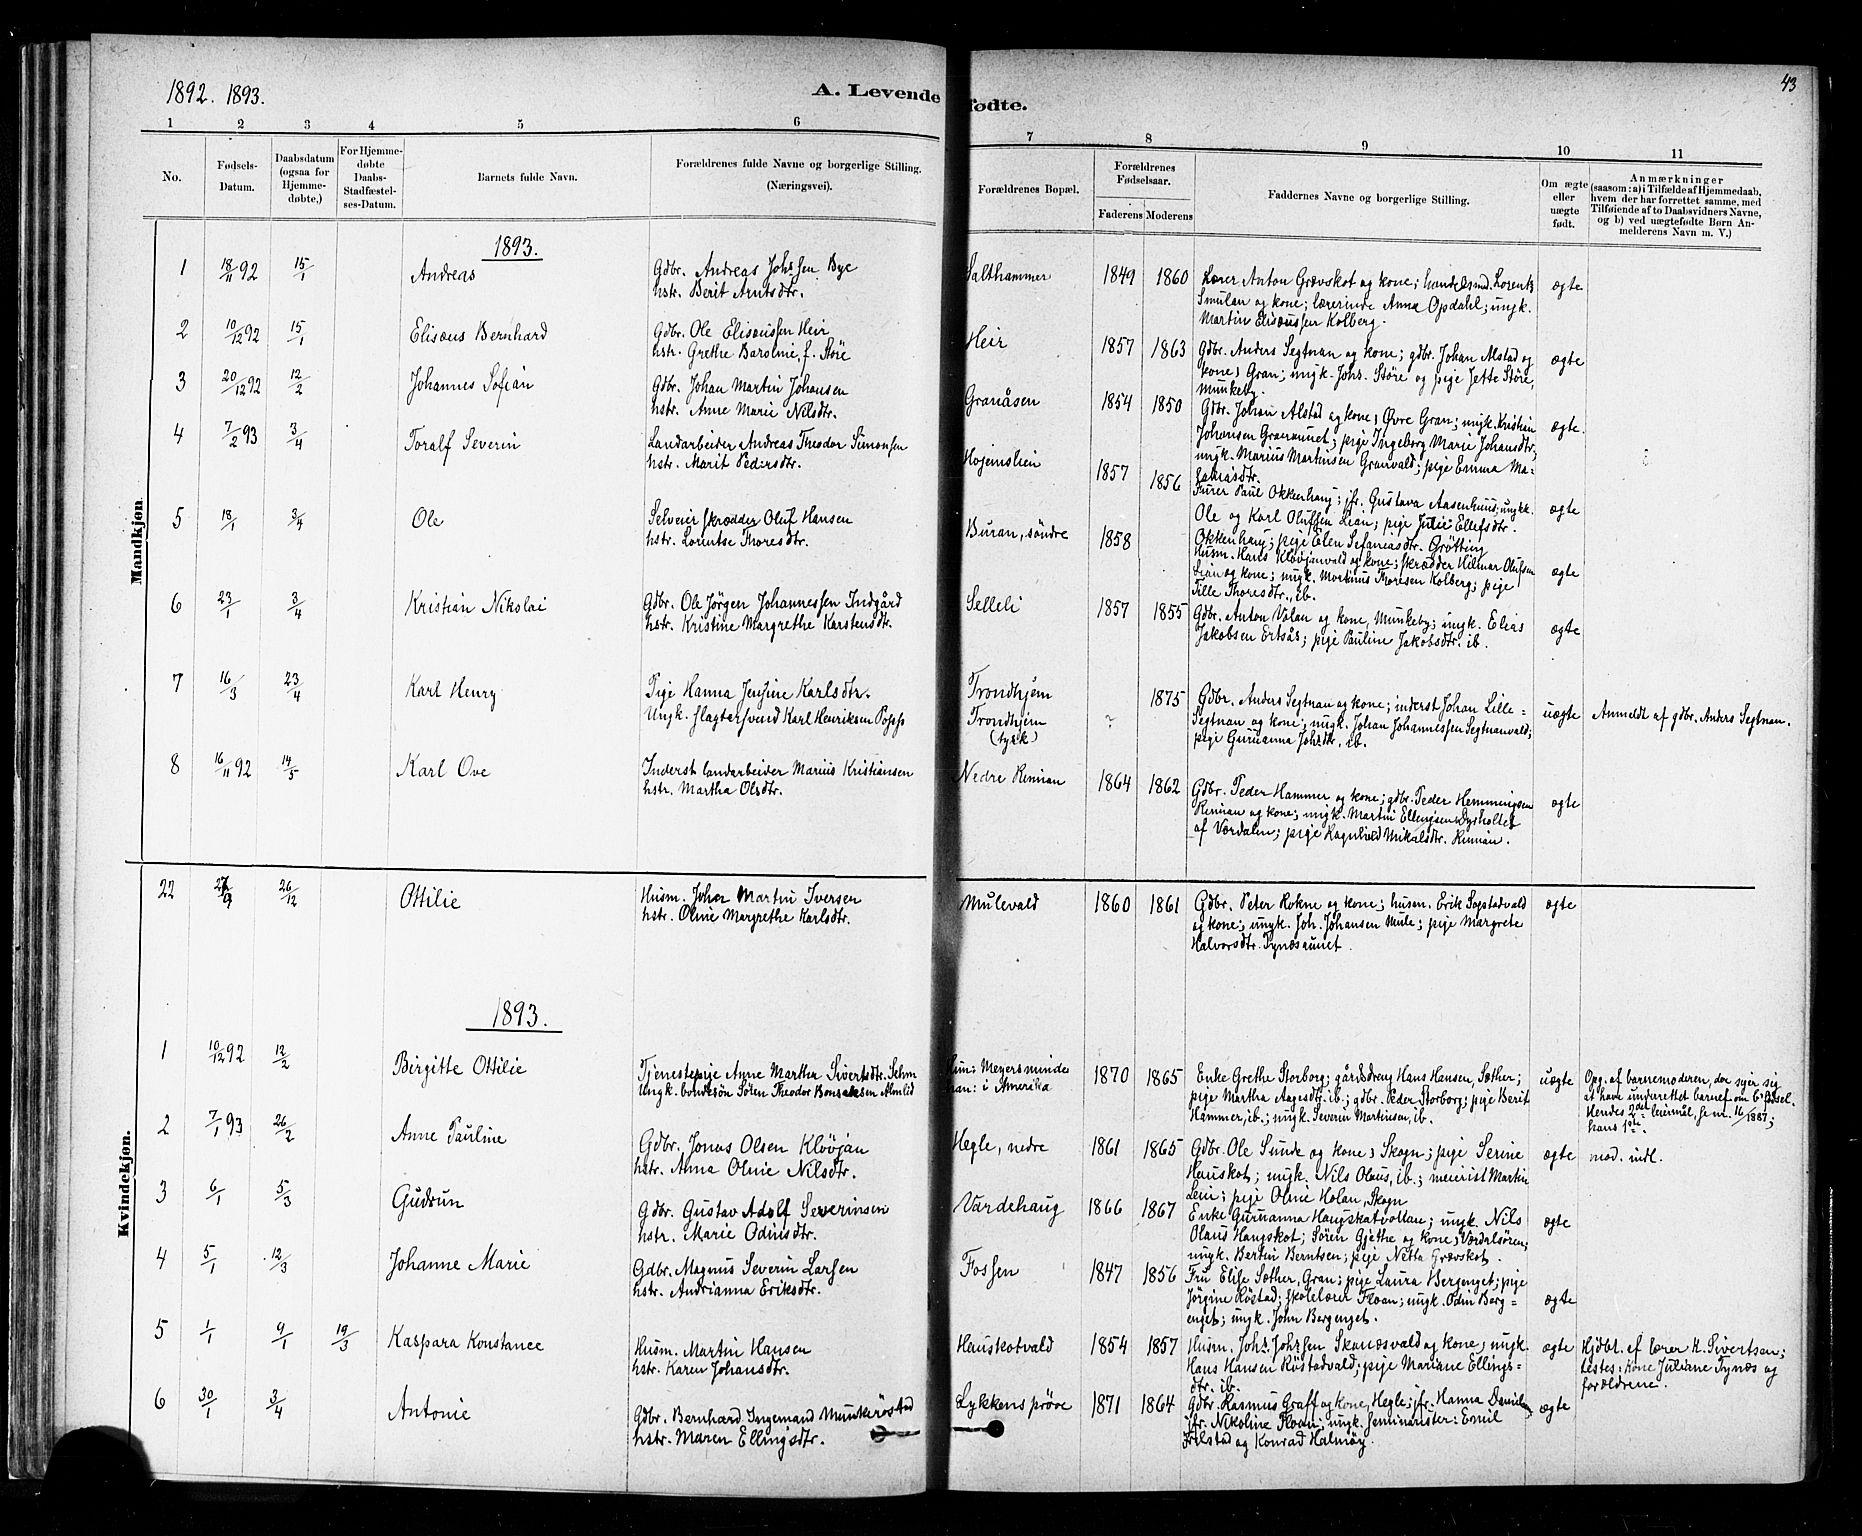 SAT, Ministerialprotokoller, klokkerbøker og fødselsregistre - Nord-Trøndelag, 721/L0208: Klokkerbok nr. 721C01, 1880-1917, s. 43